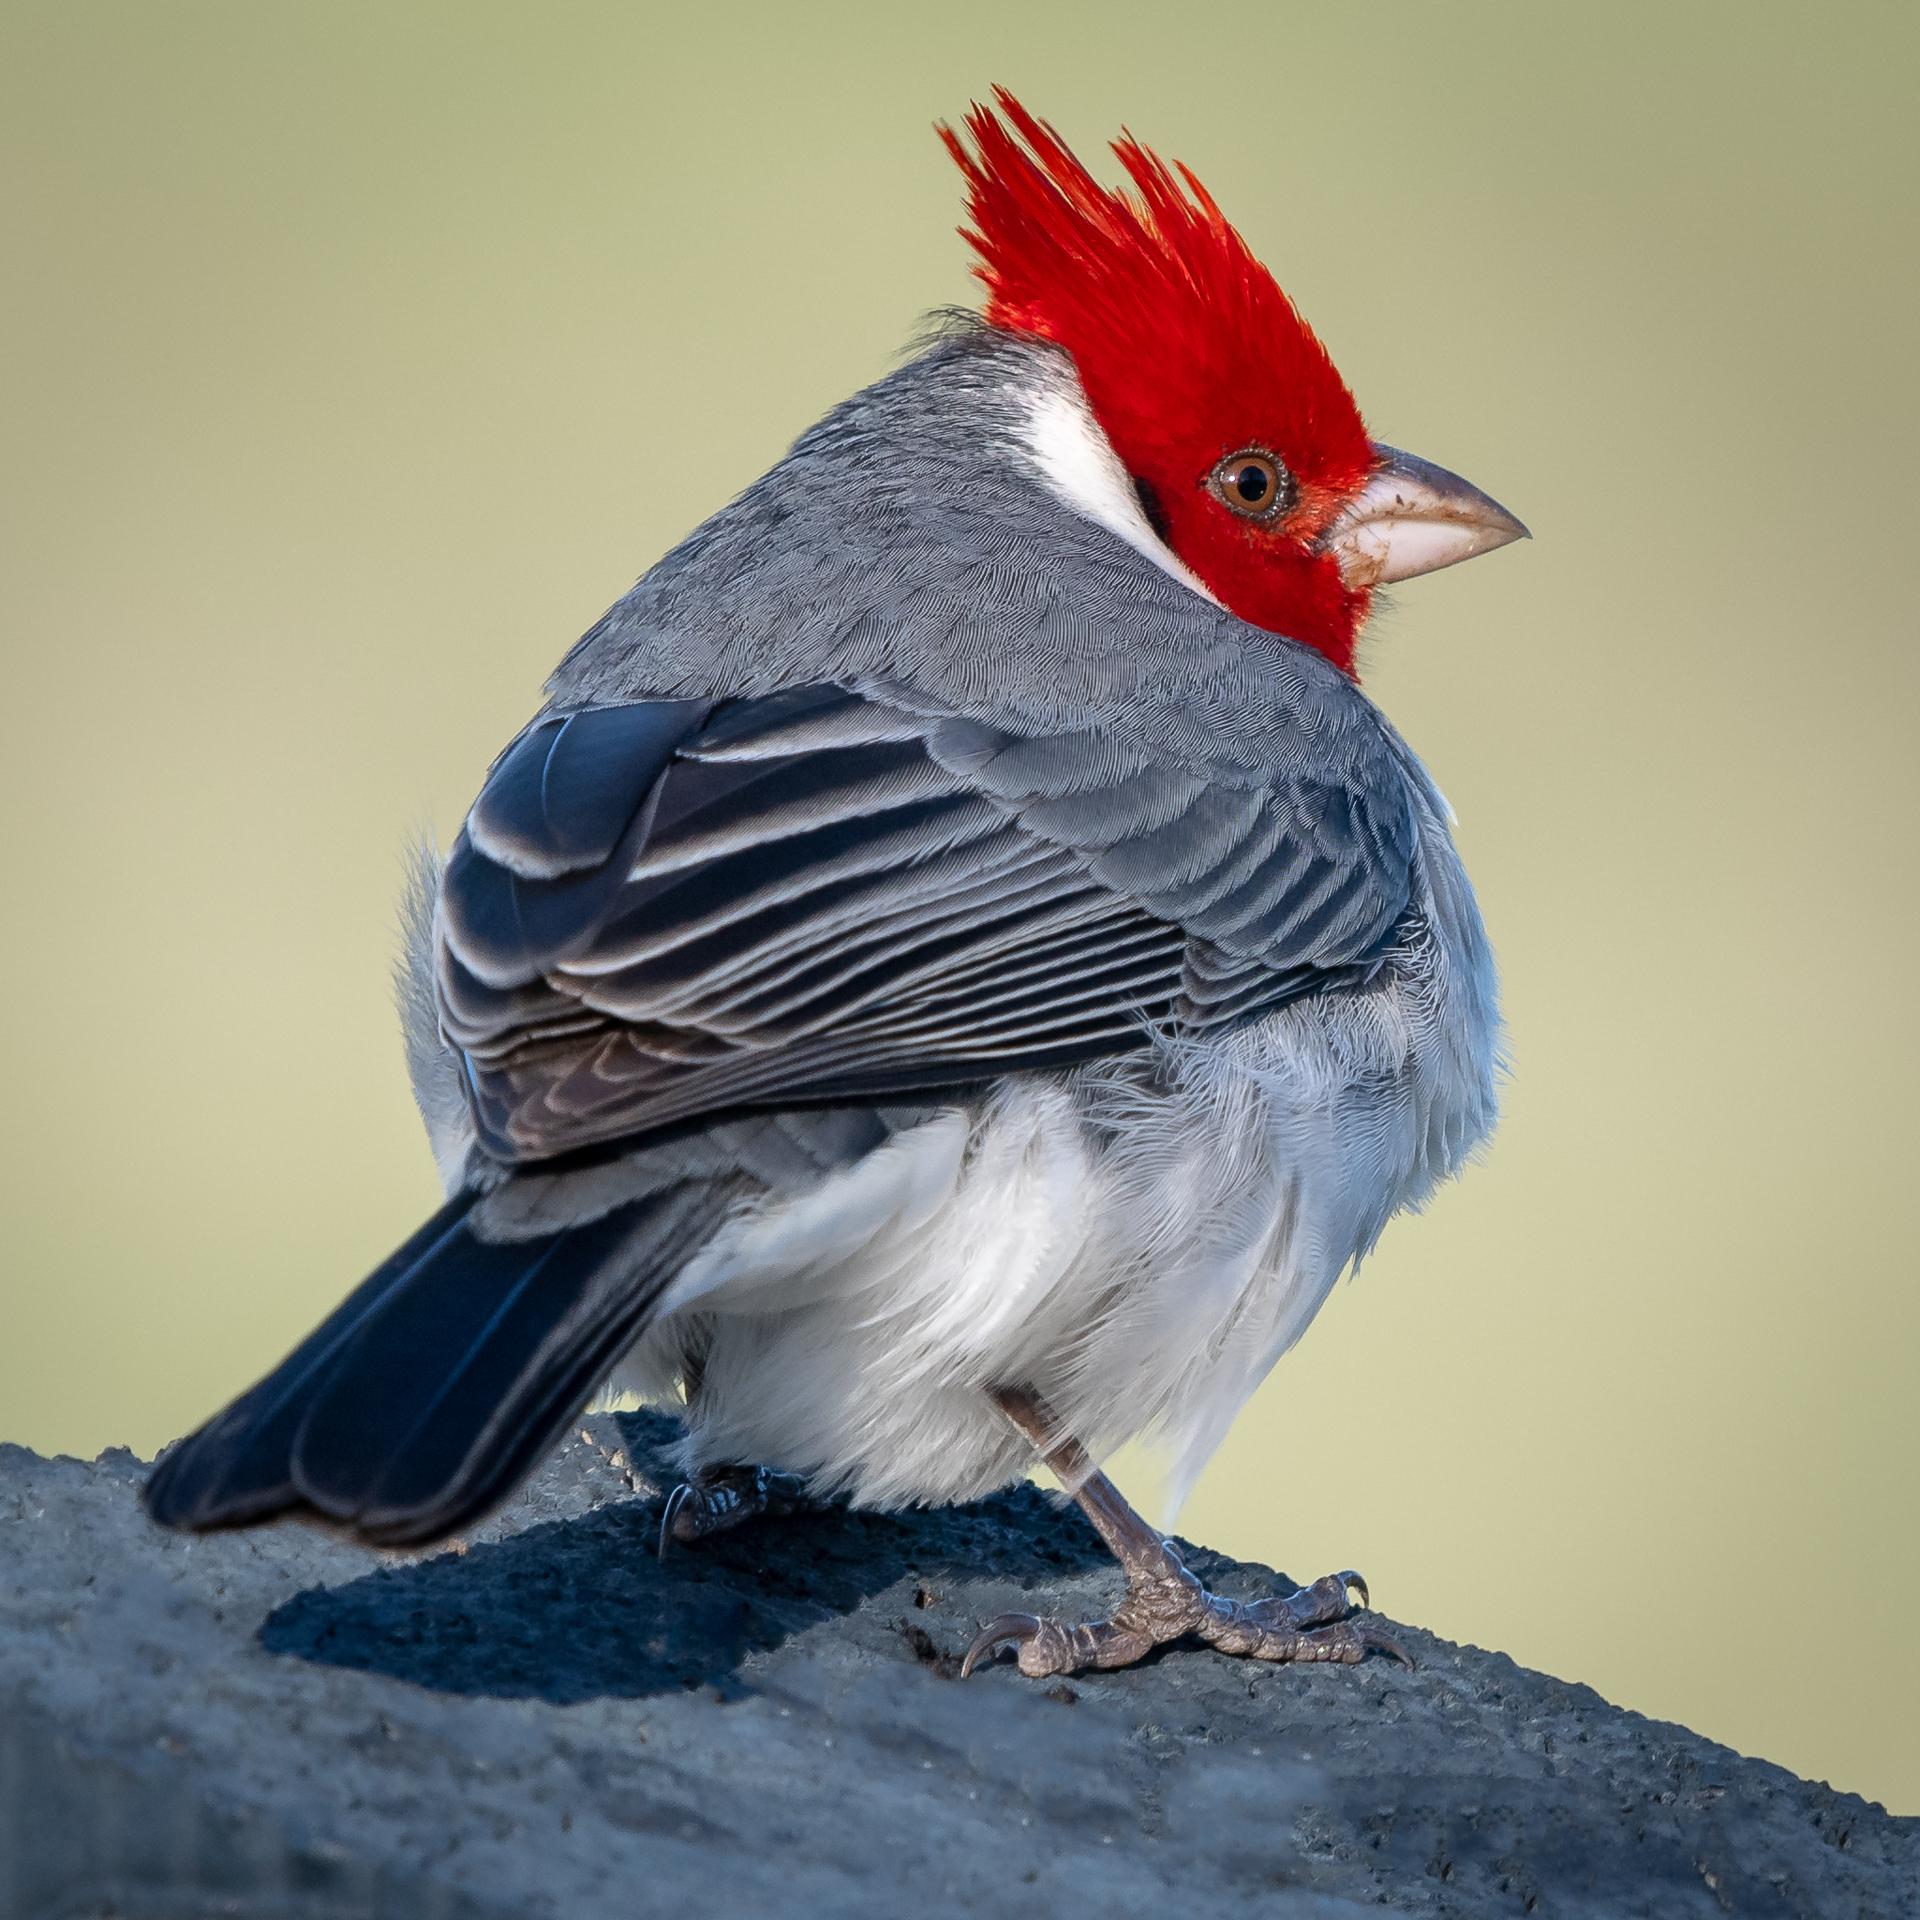 Red-crested Cardinal, Kauai, 2019